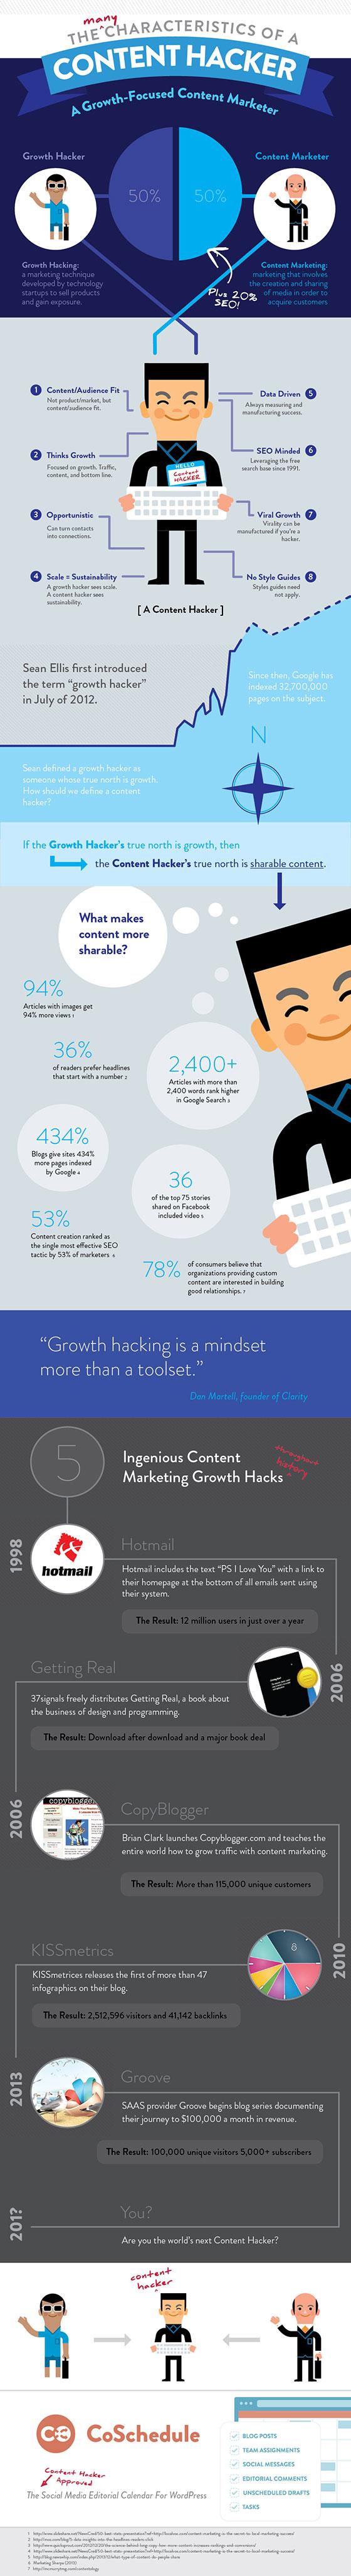 content-hacker-infographic.jpg